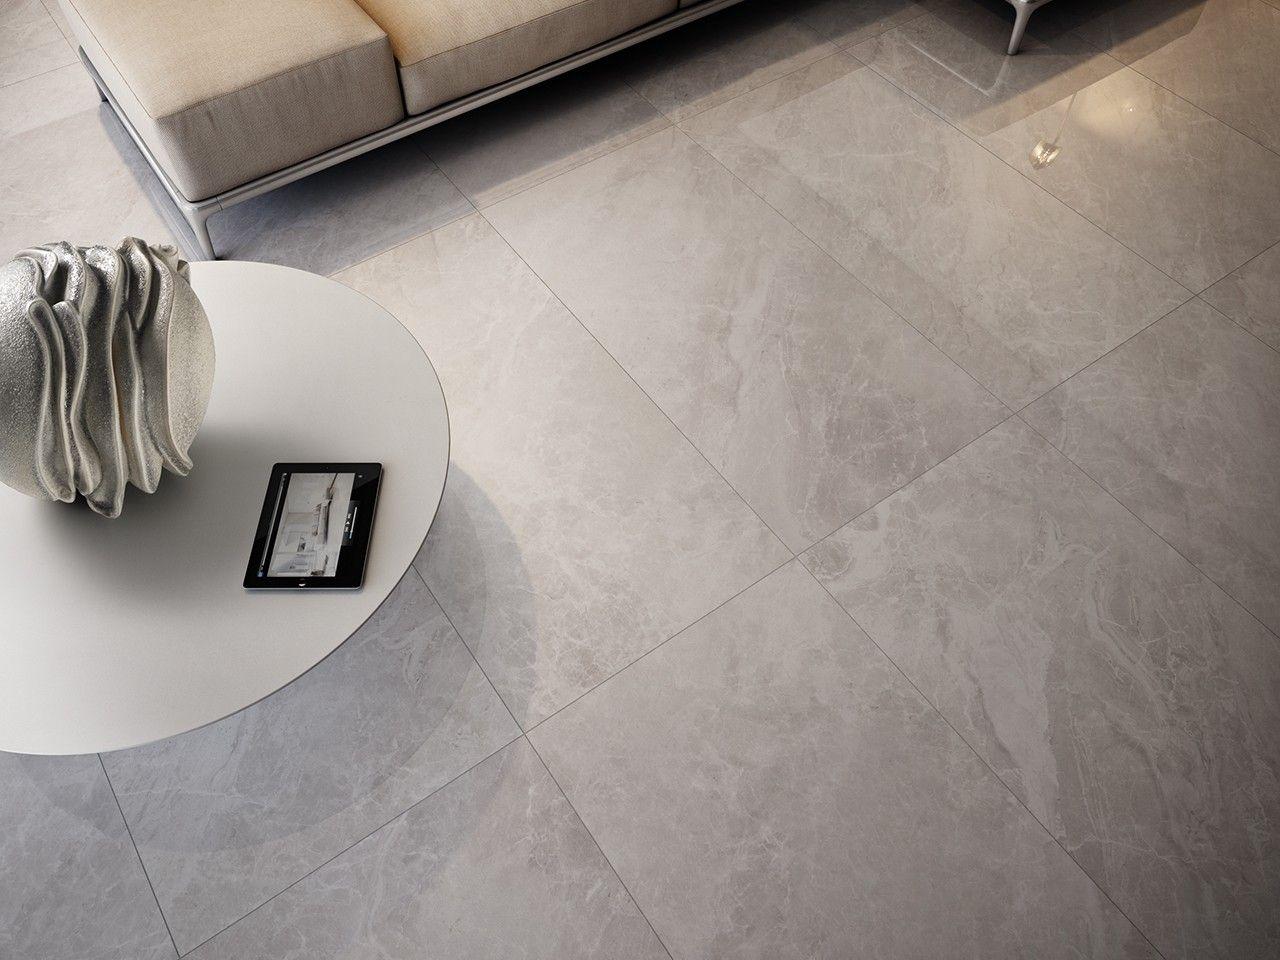 Dipingere Pavimento In Gres piastrella luni grigio 60x60 lappato effetto marmo